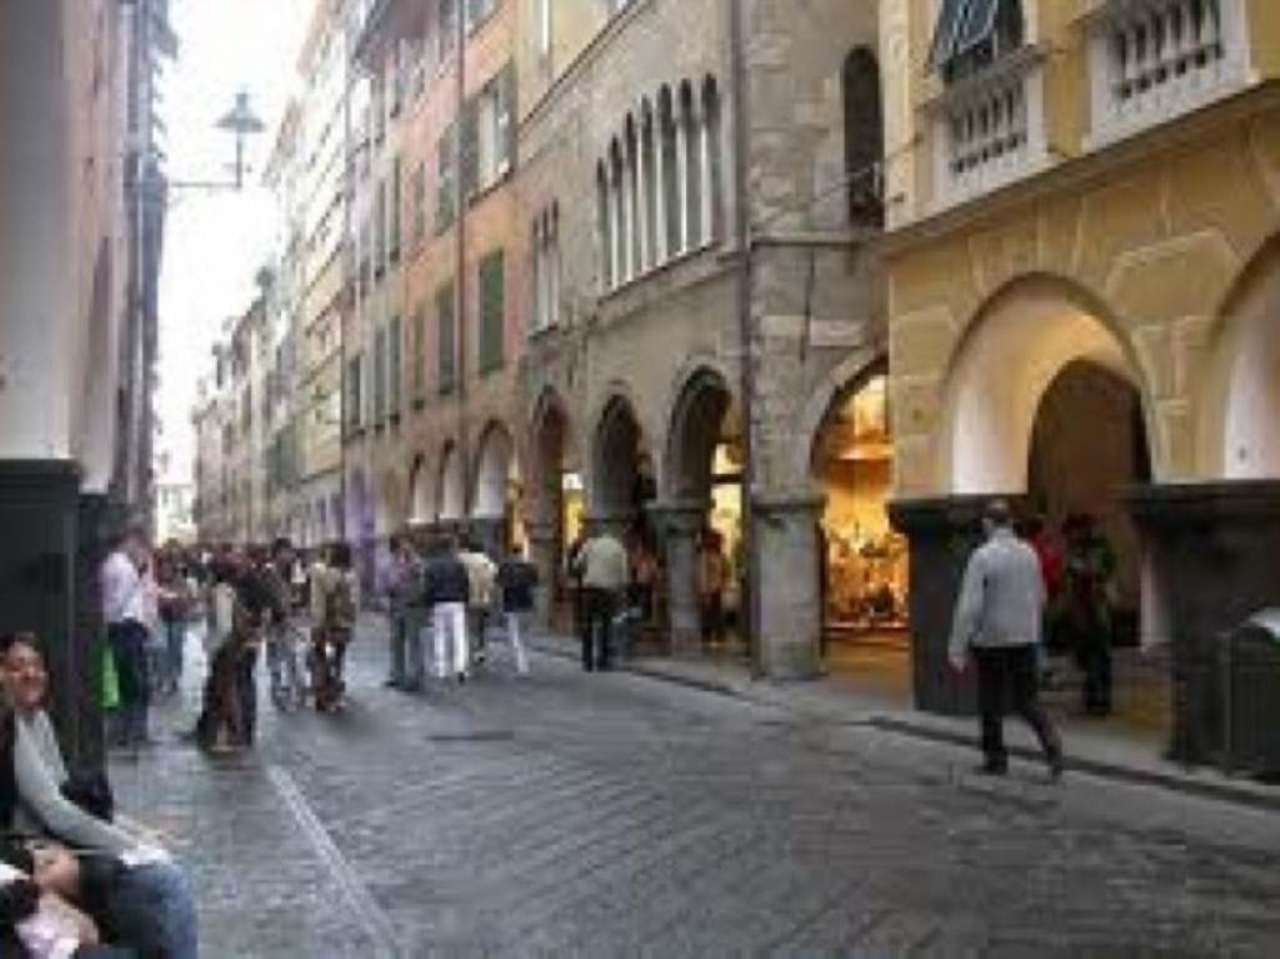 Ristorante / Pizzeria / Trattoria in vendita a Chiavari, 9999 locali, prezzo € 250.000 | PortaleAgenzieImmobiliari.it